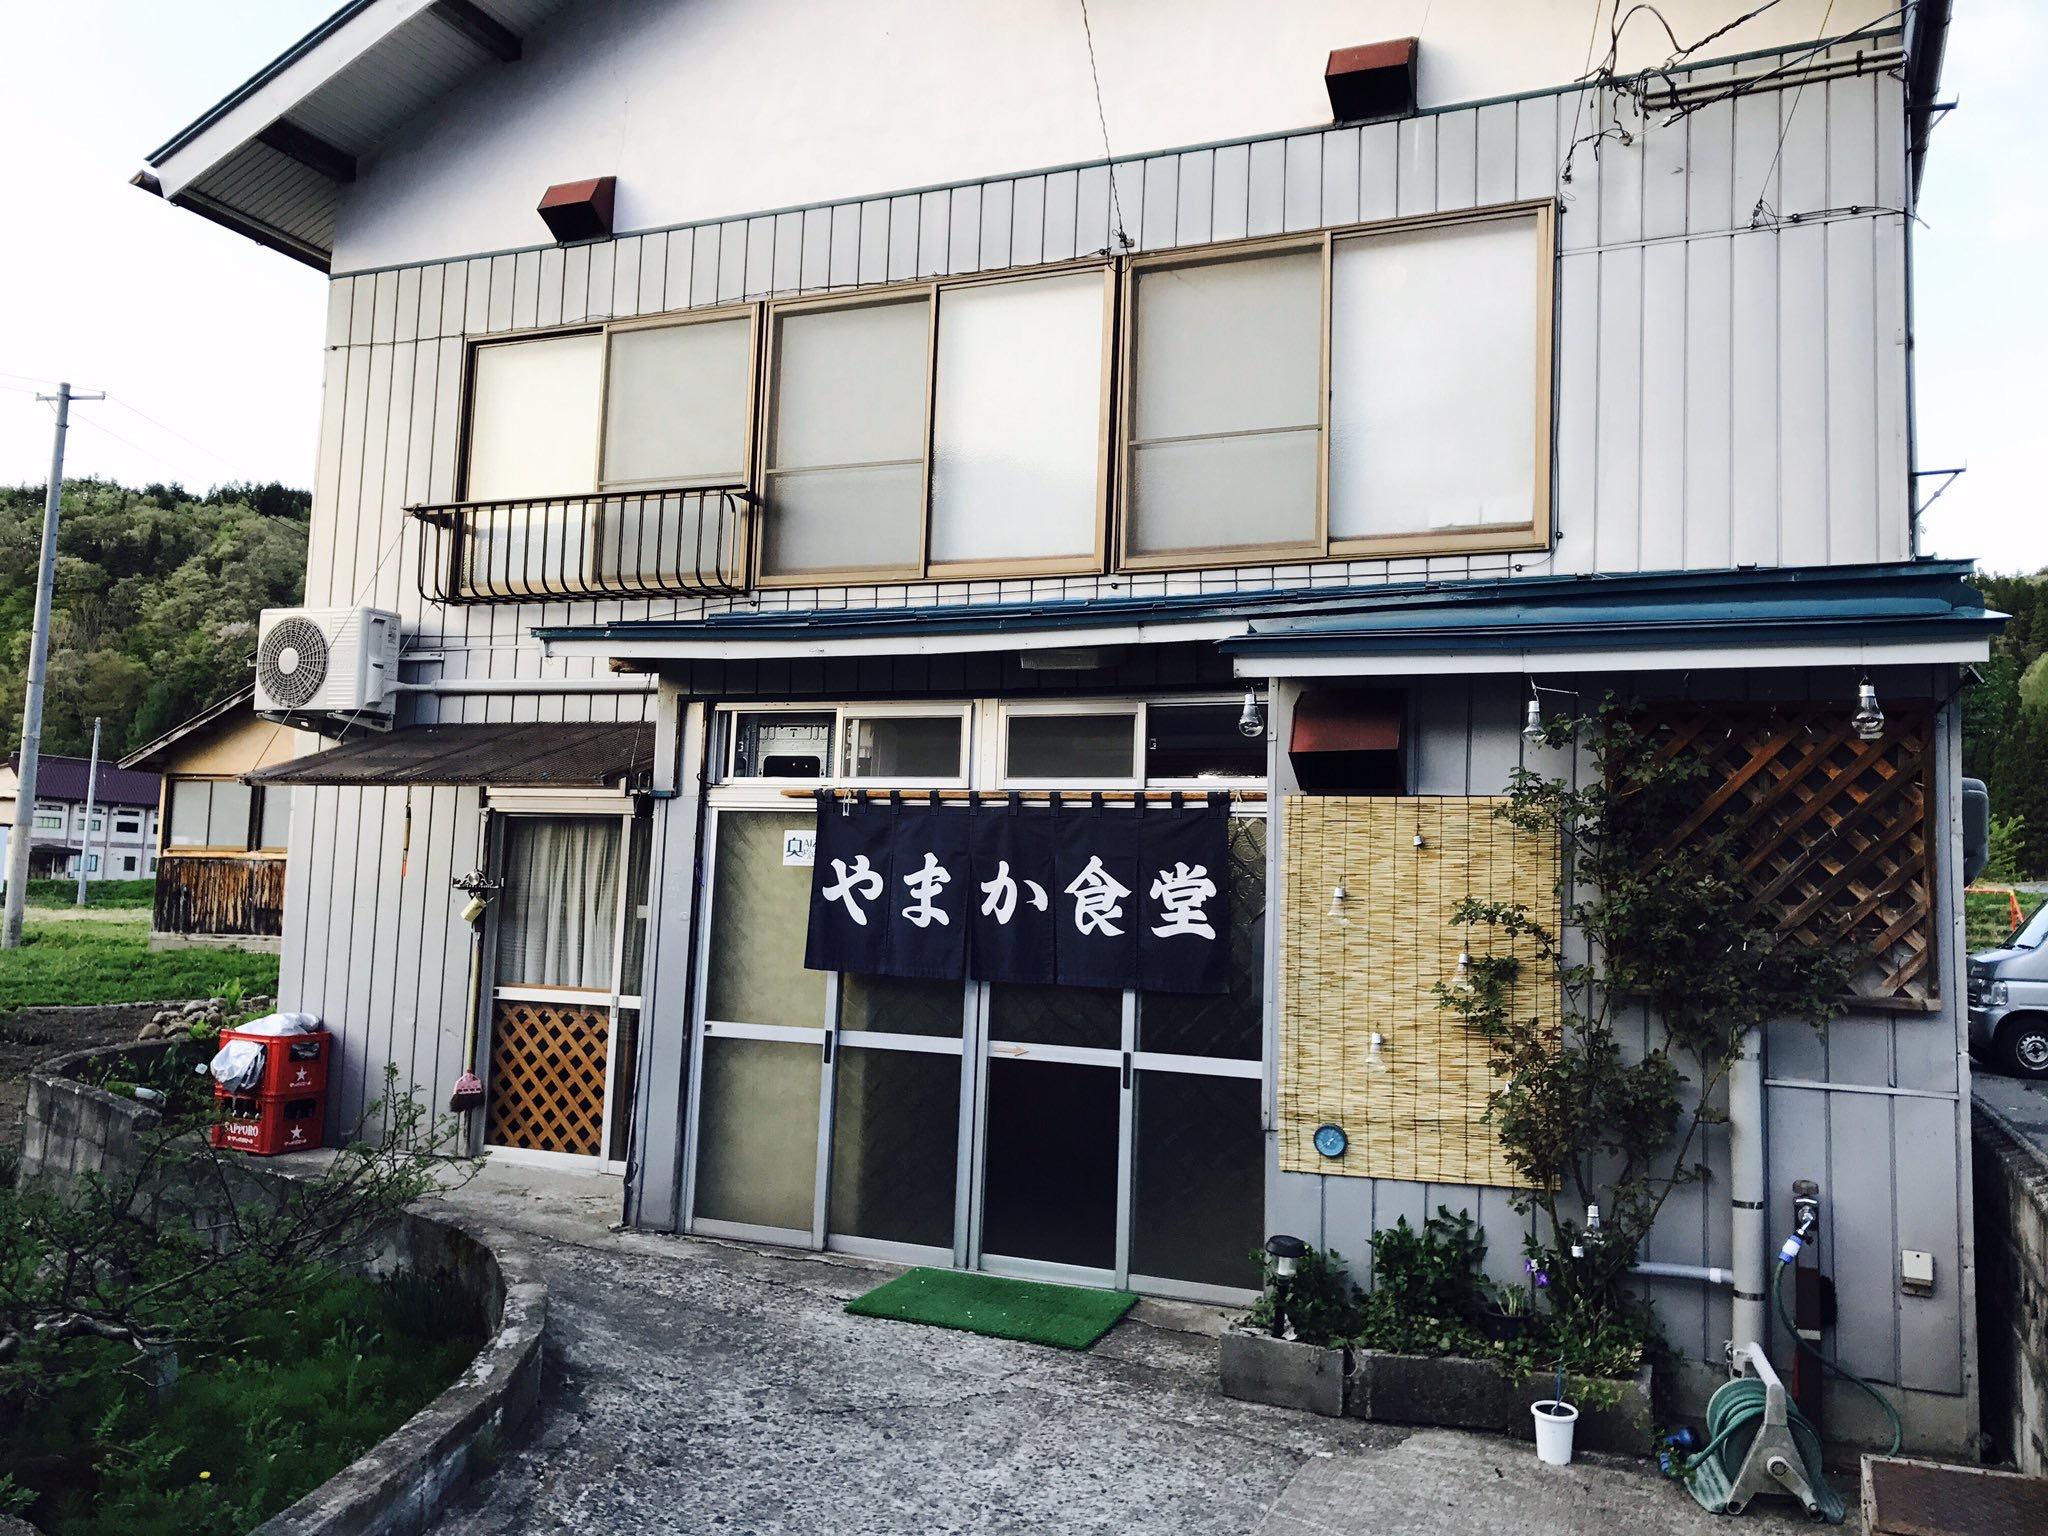 昭和村 やまか食堂